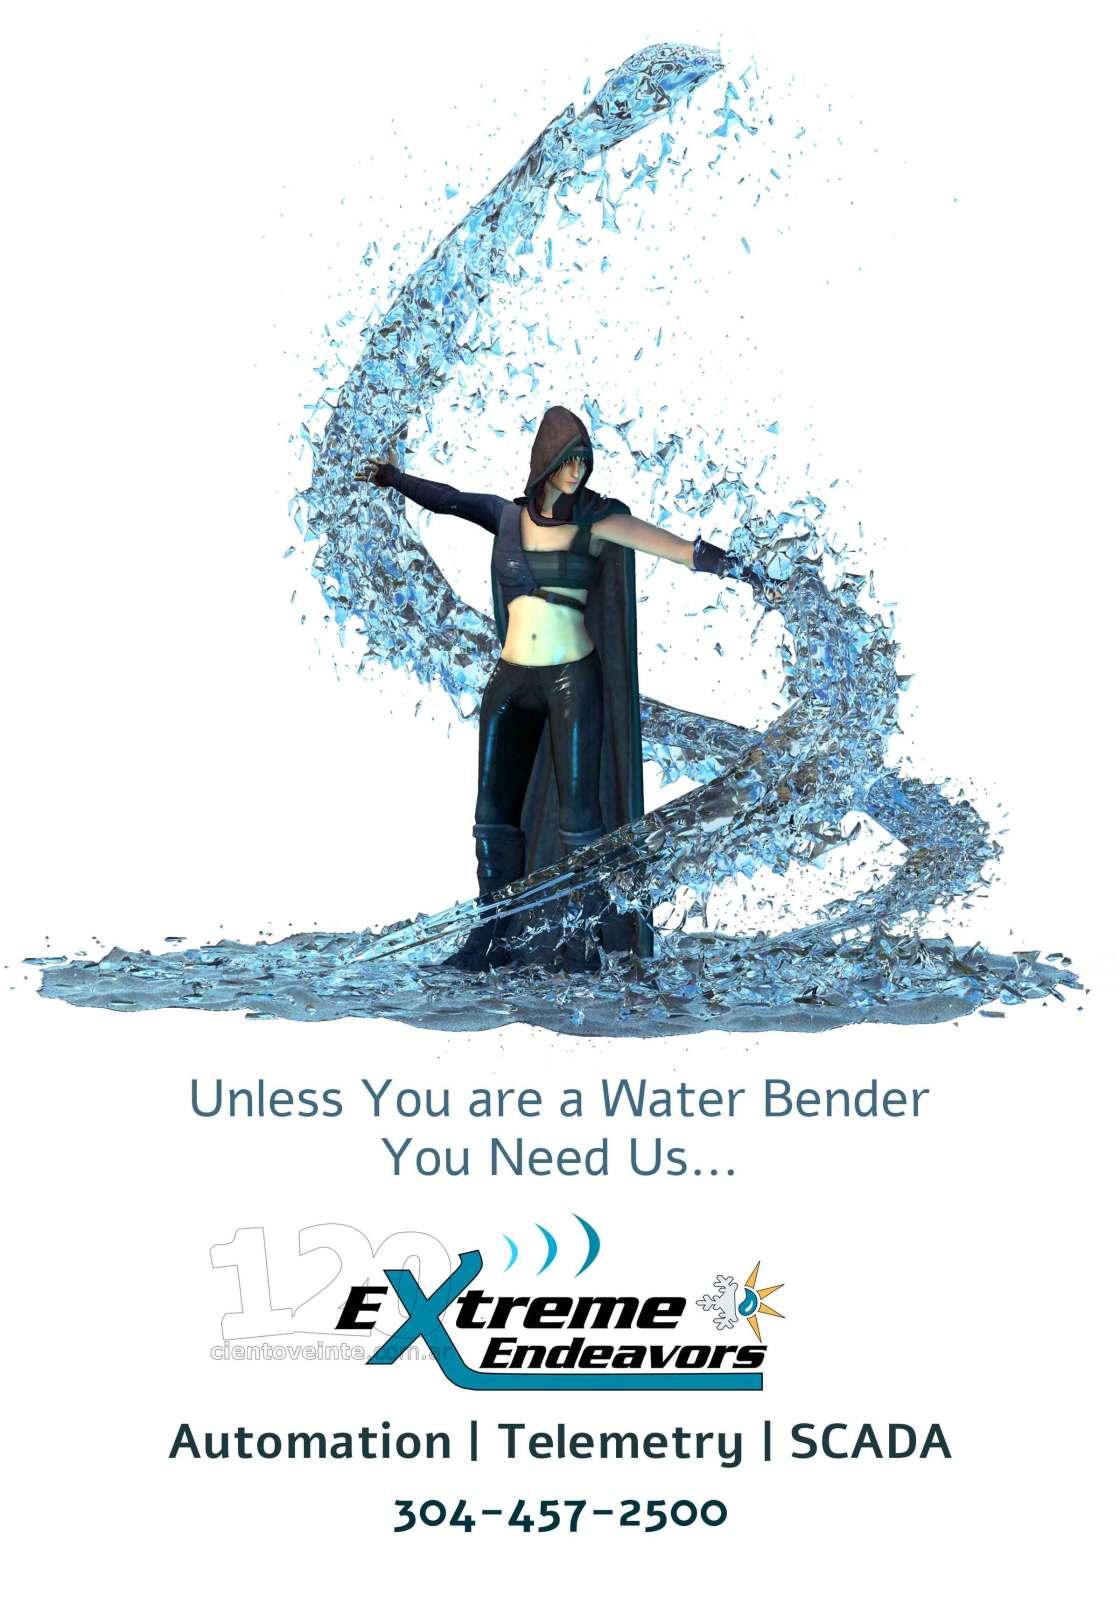 WaterBender-post final version